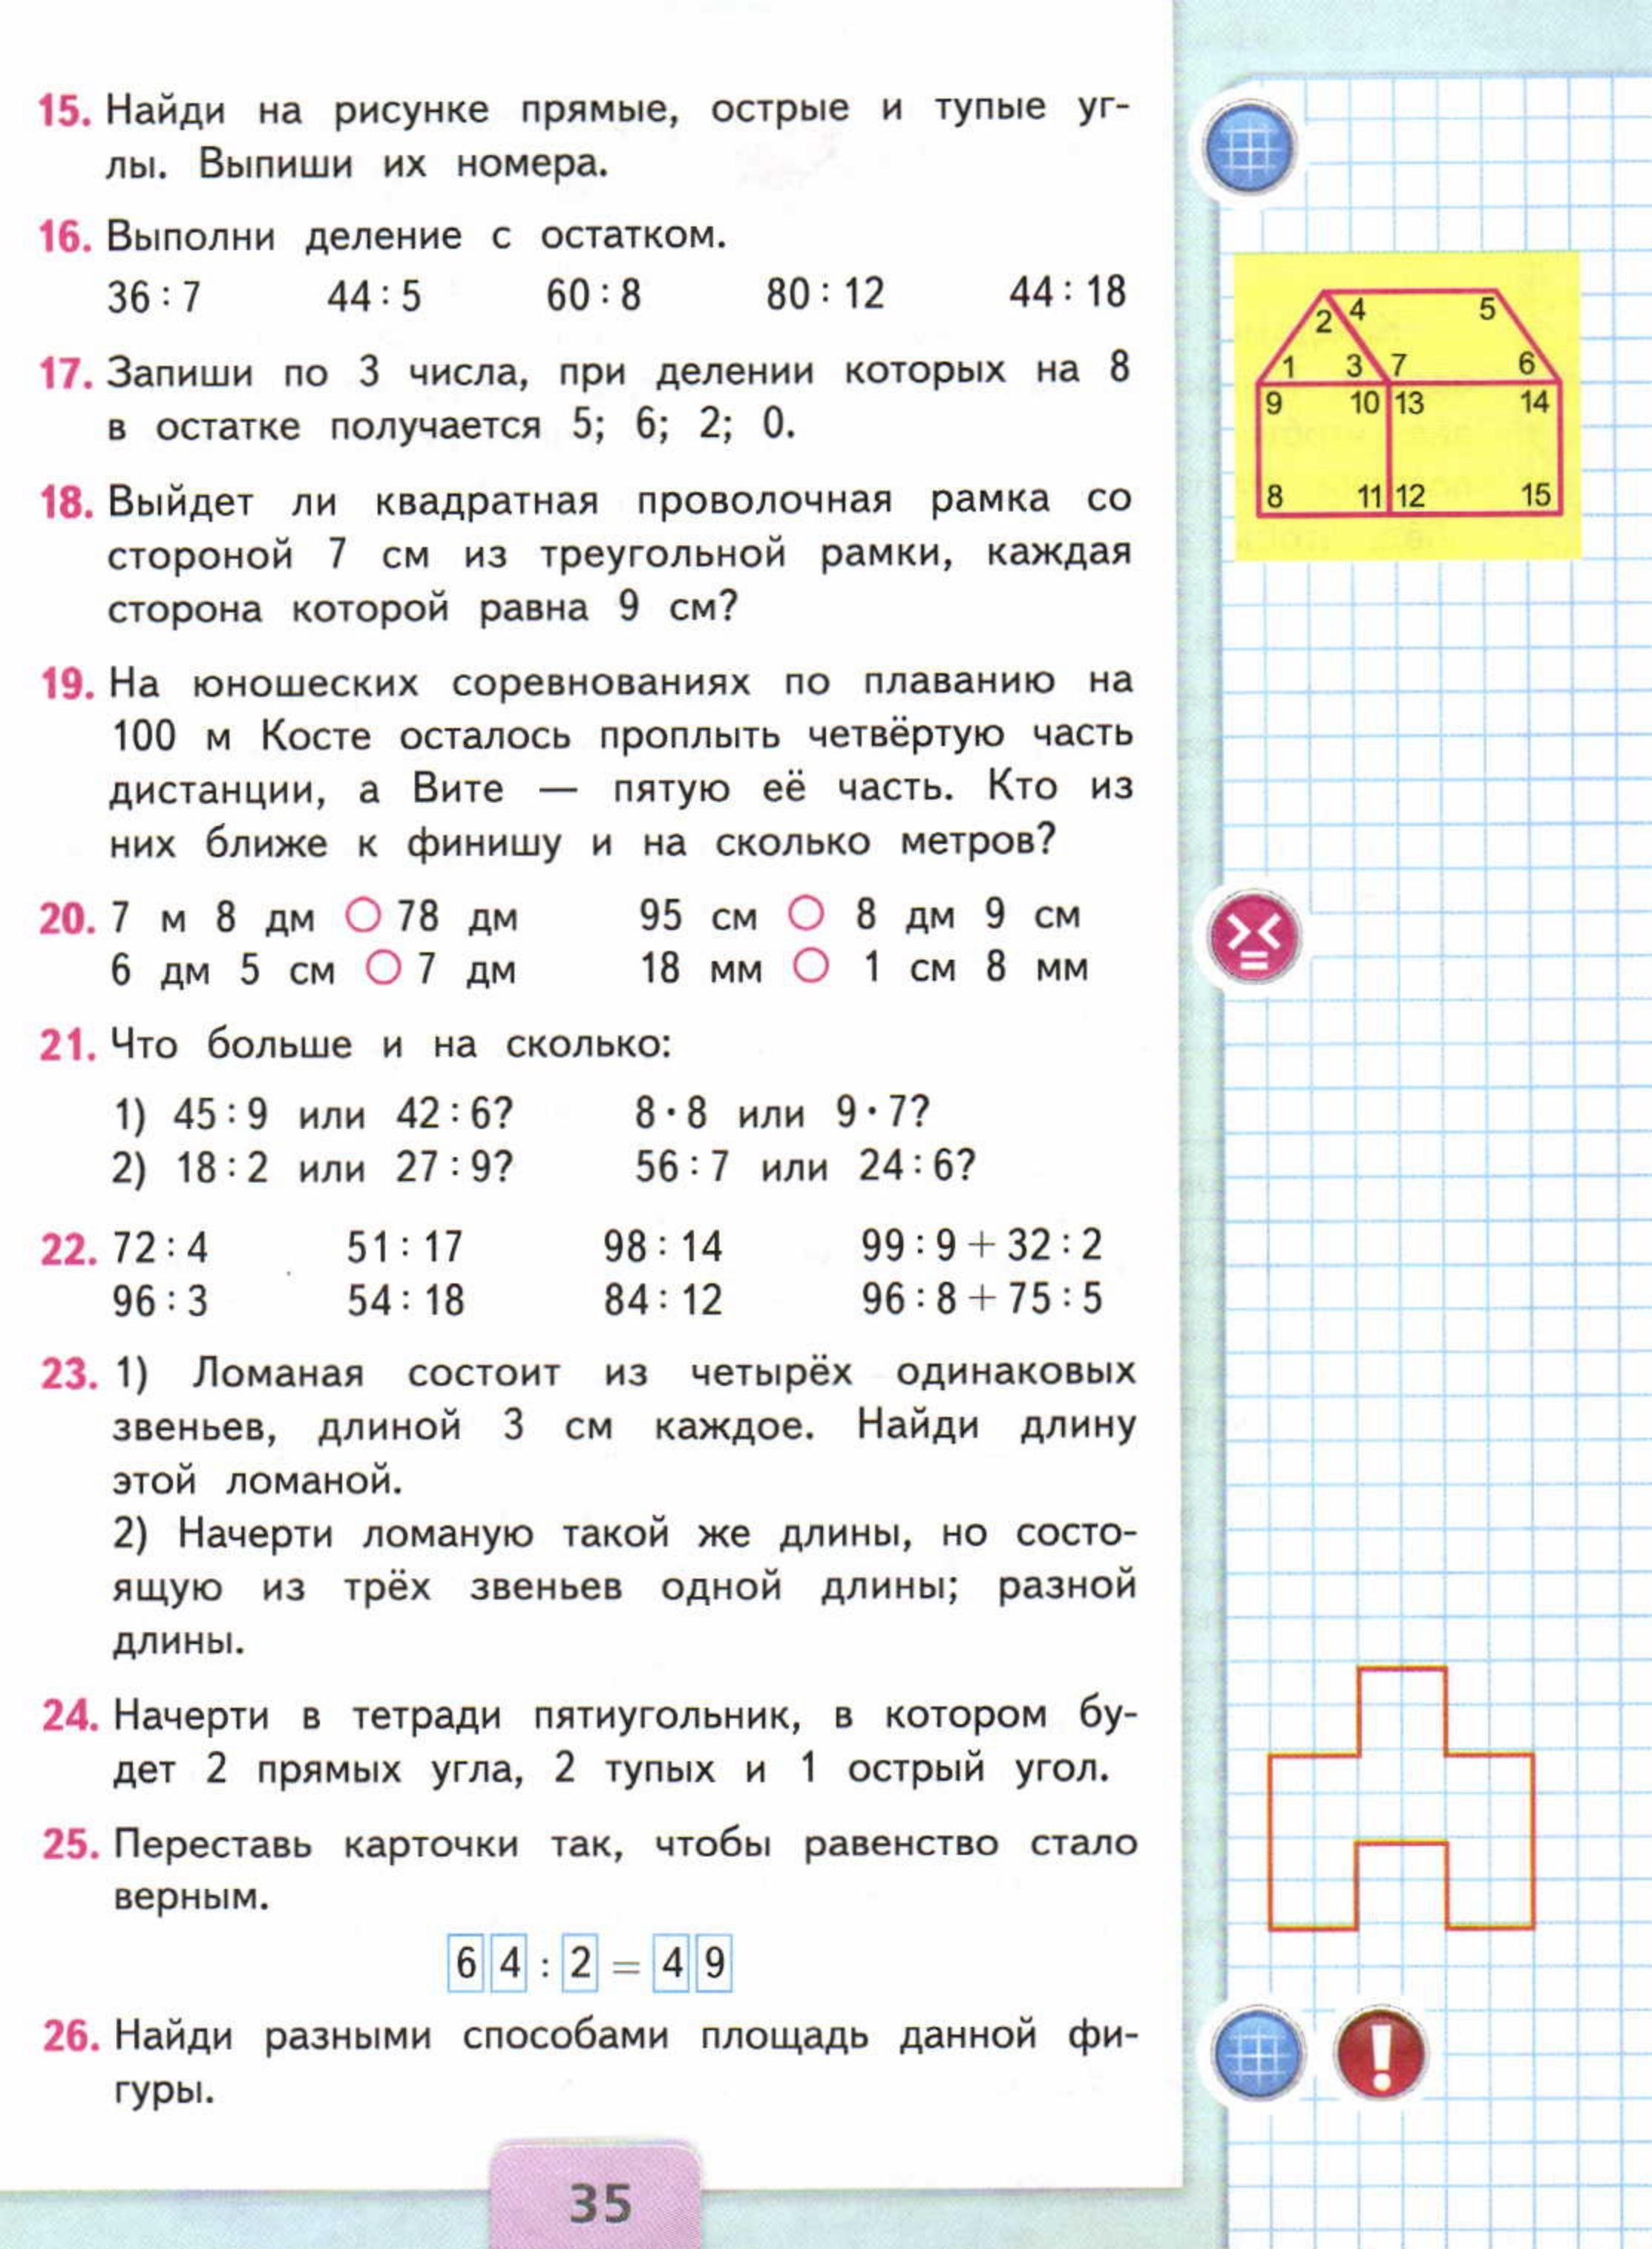 Зачёт по географии викторина 81 вопрос 7 класс